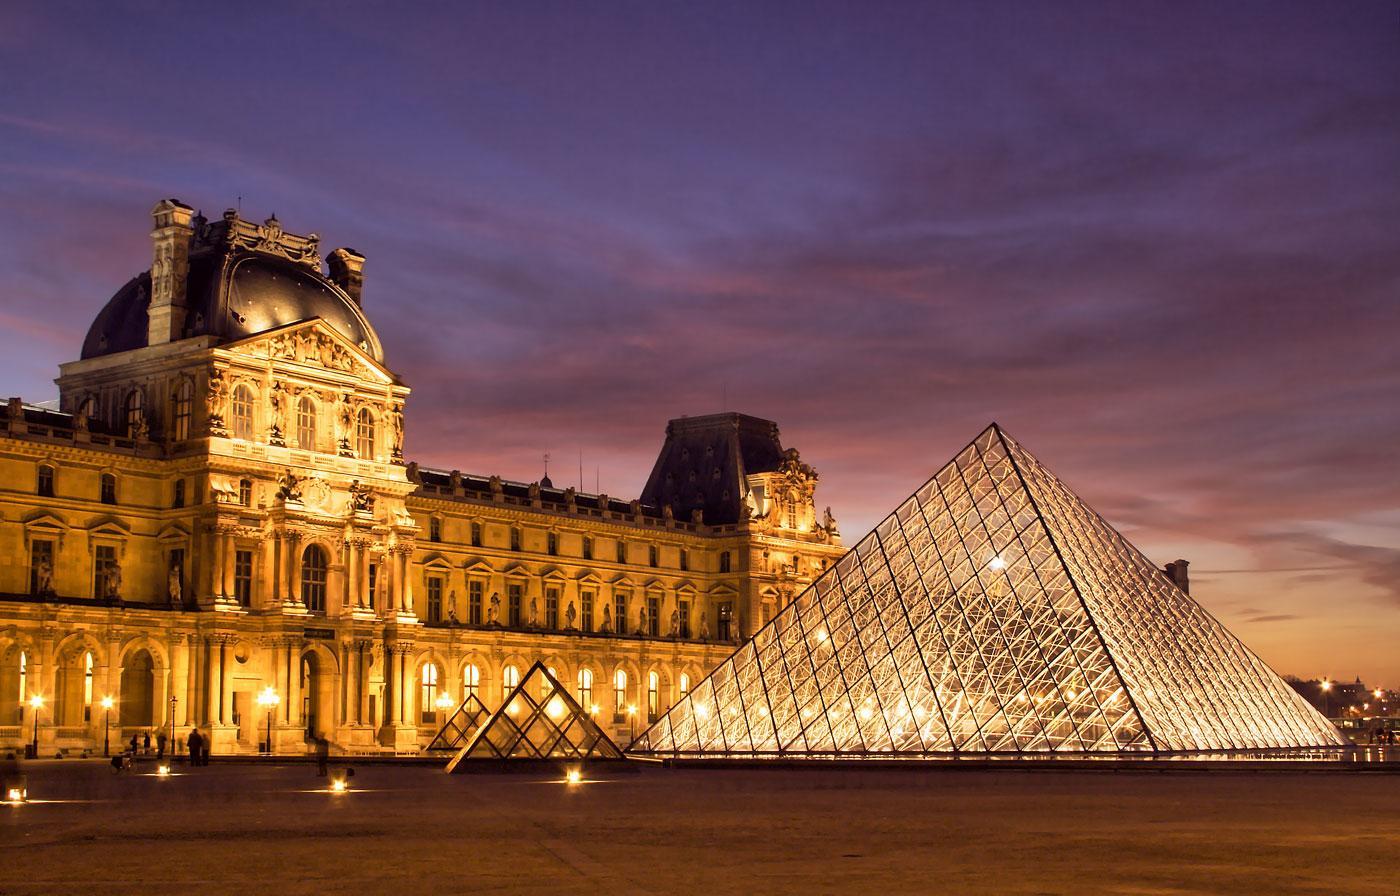 Luvr je među zanimljivostima o Francuskoj